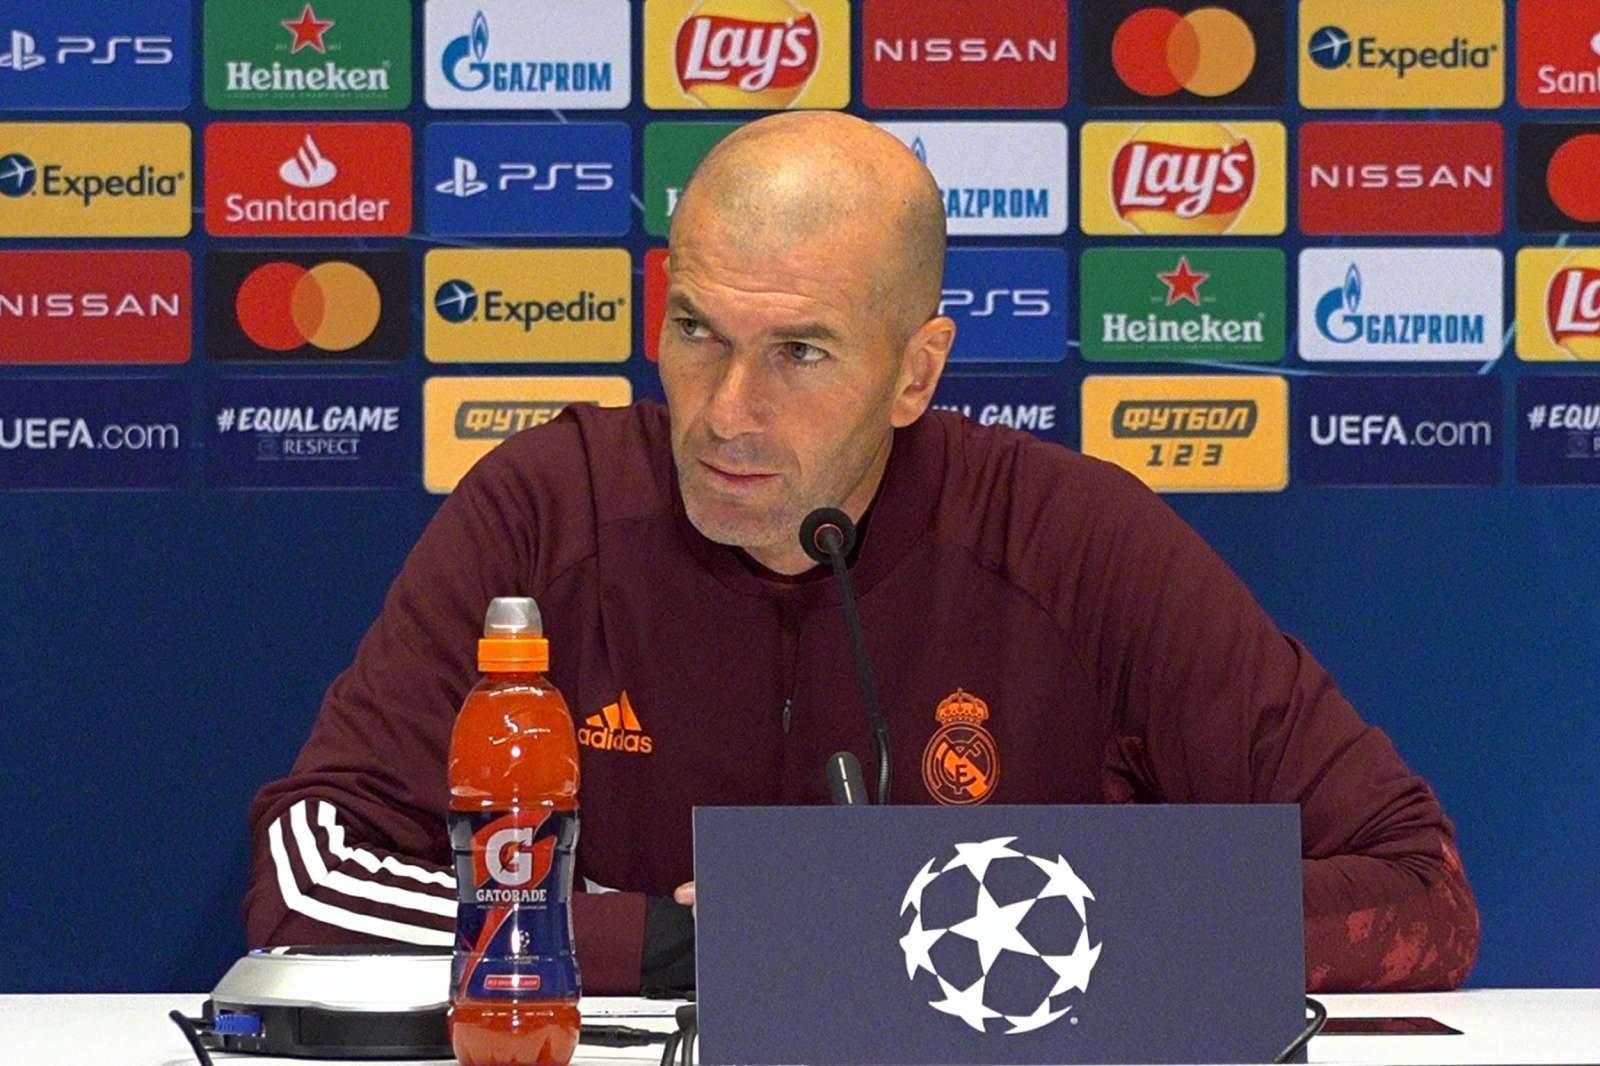 «Реал» уволит Зидана, Рондон вернётся в Россию, а «Манчестер Сити» купит звёздного игрока летом – в главных слухах недели